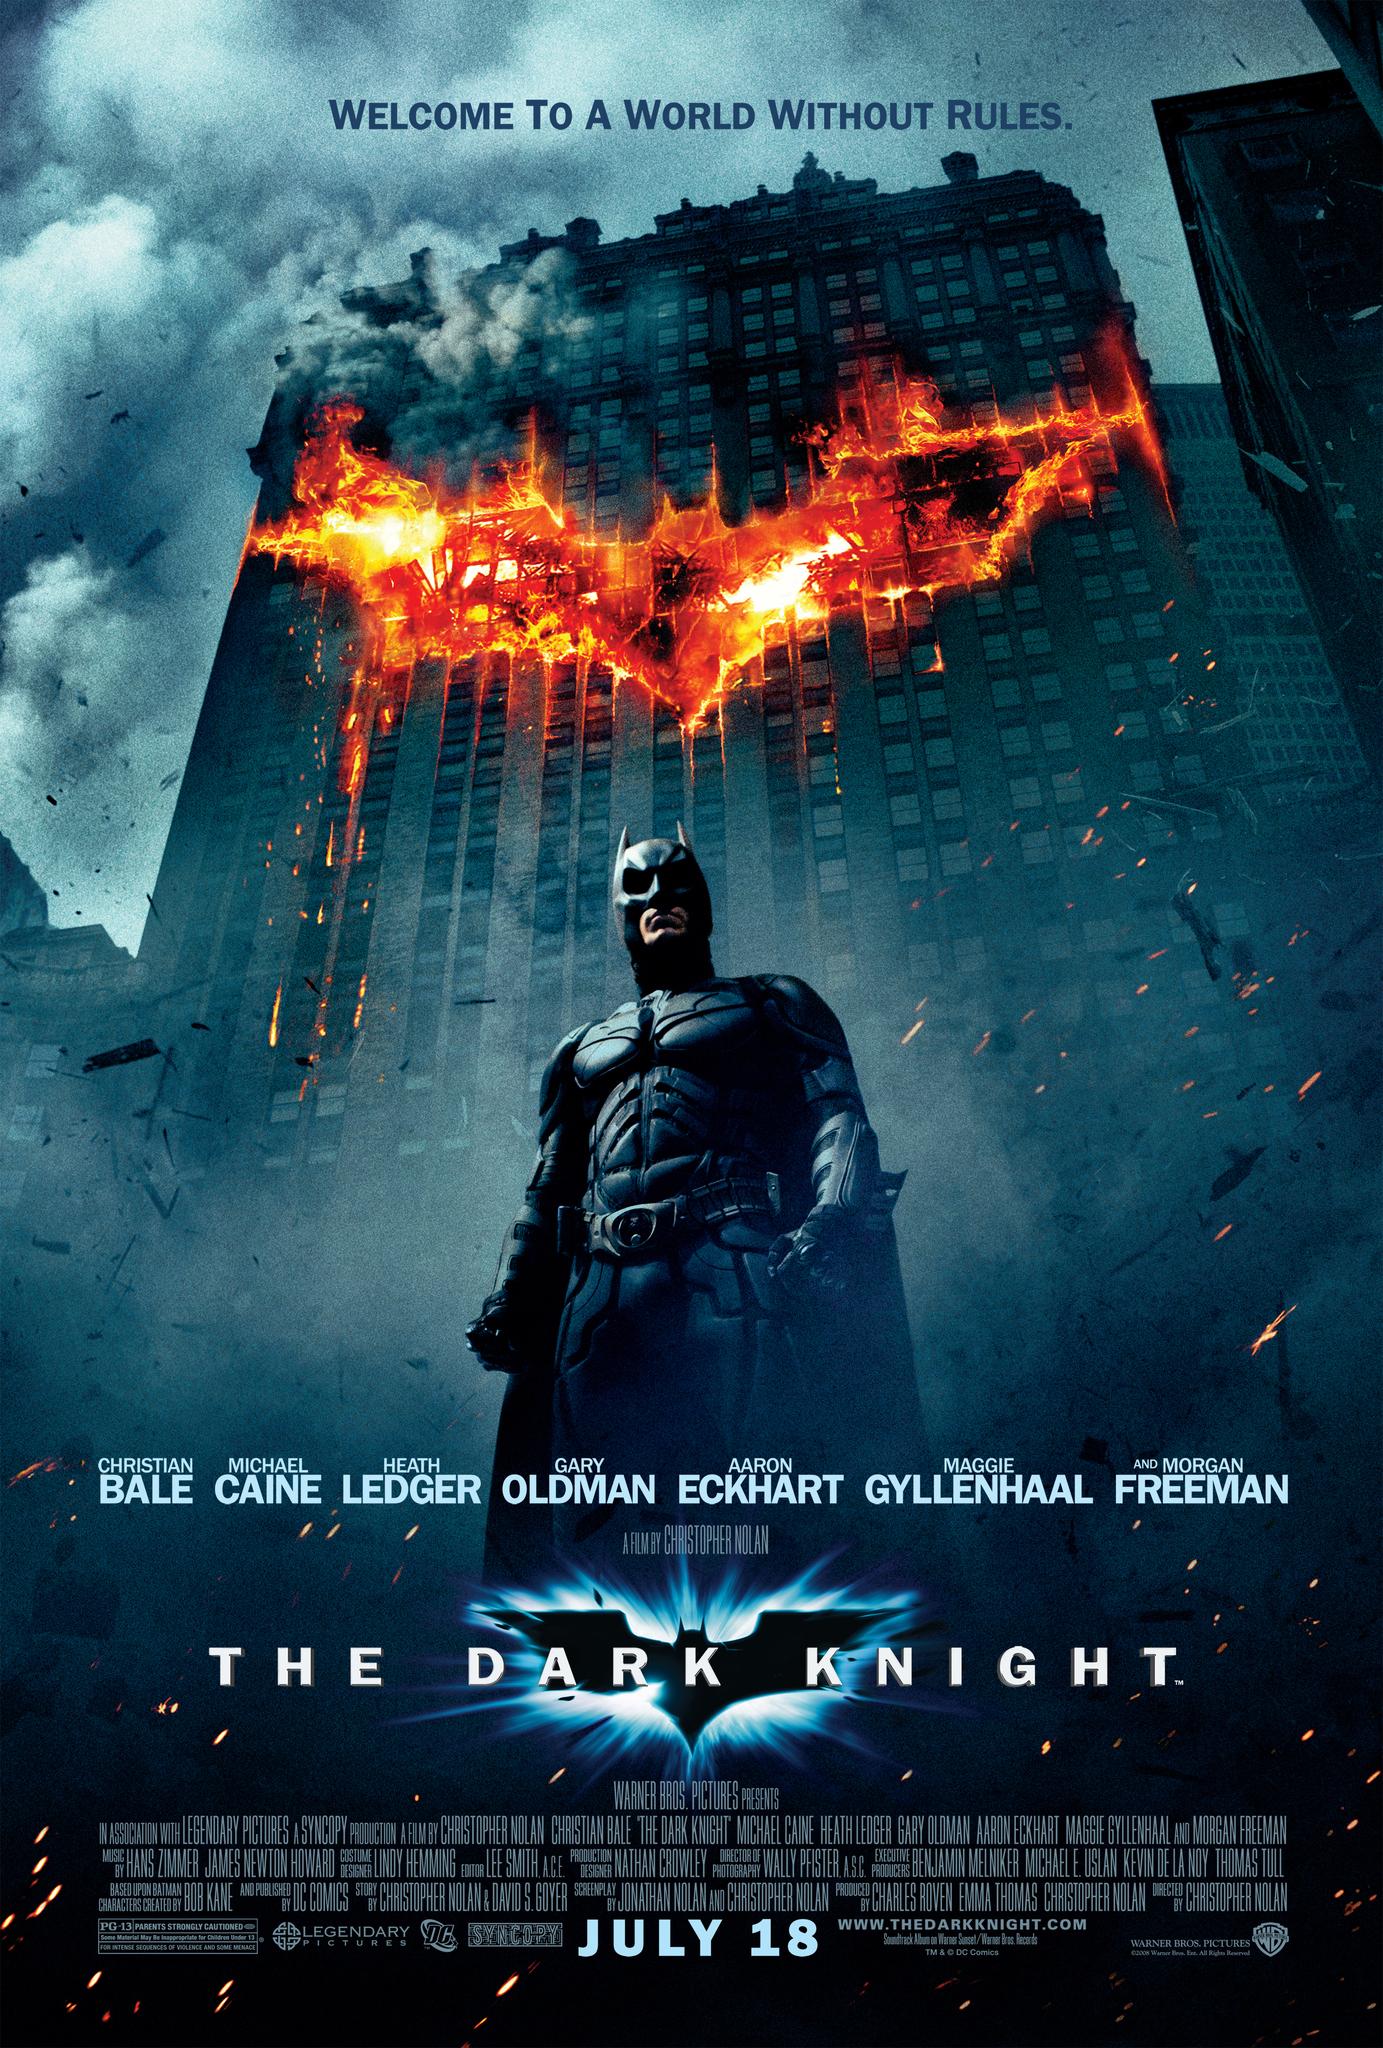 The Dark Knight (2008) BluRay 480p, 720p, 1080p & 4K-2160p